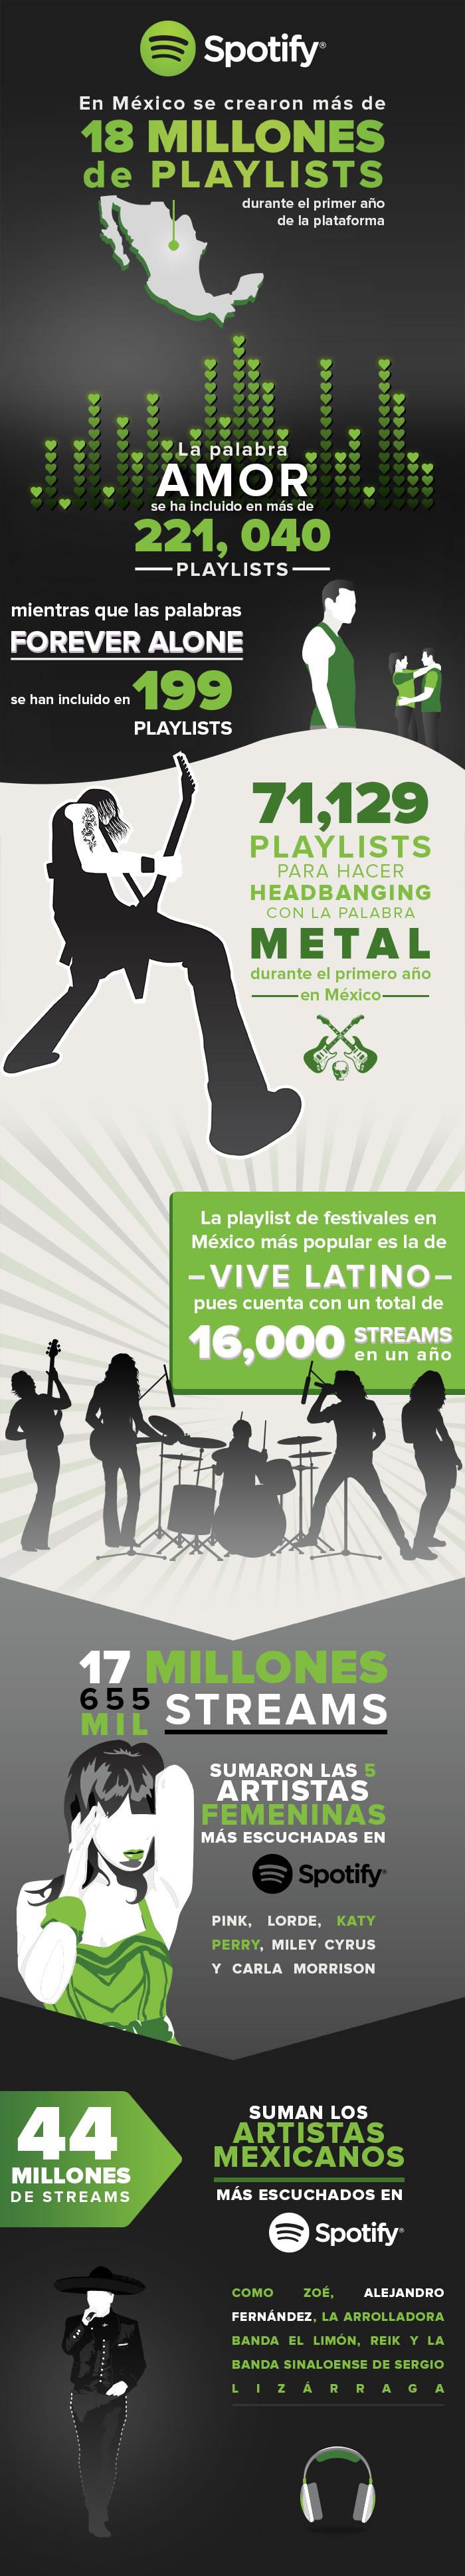 El primer año de Spotify México en números - infografia-spotify-mexico-primer-aniversario